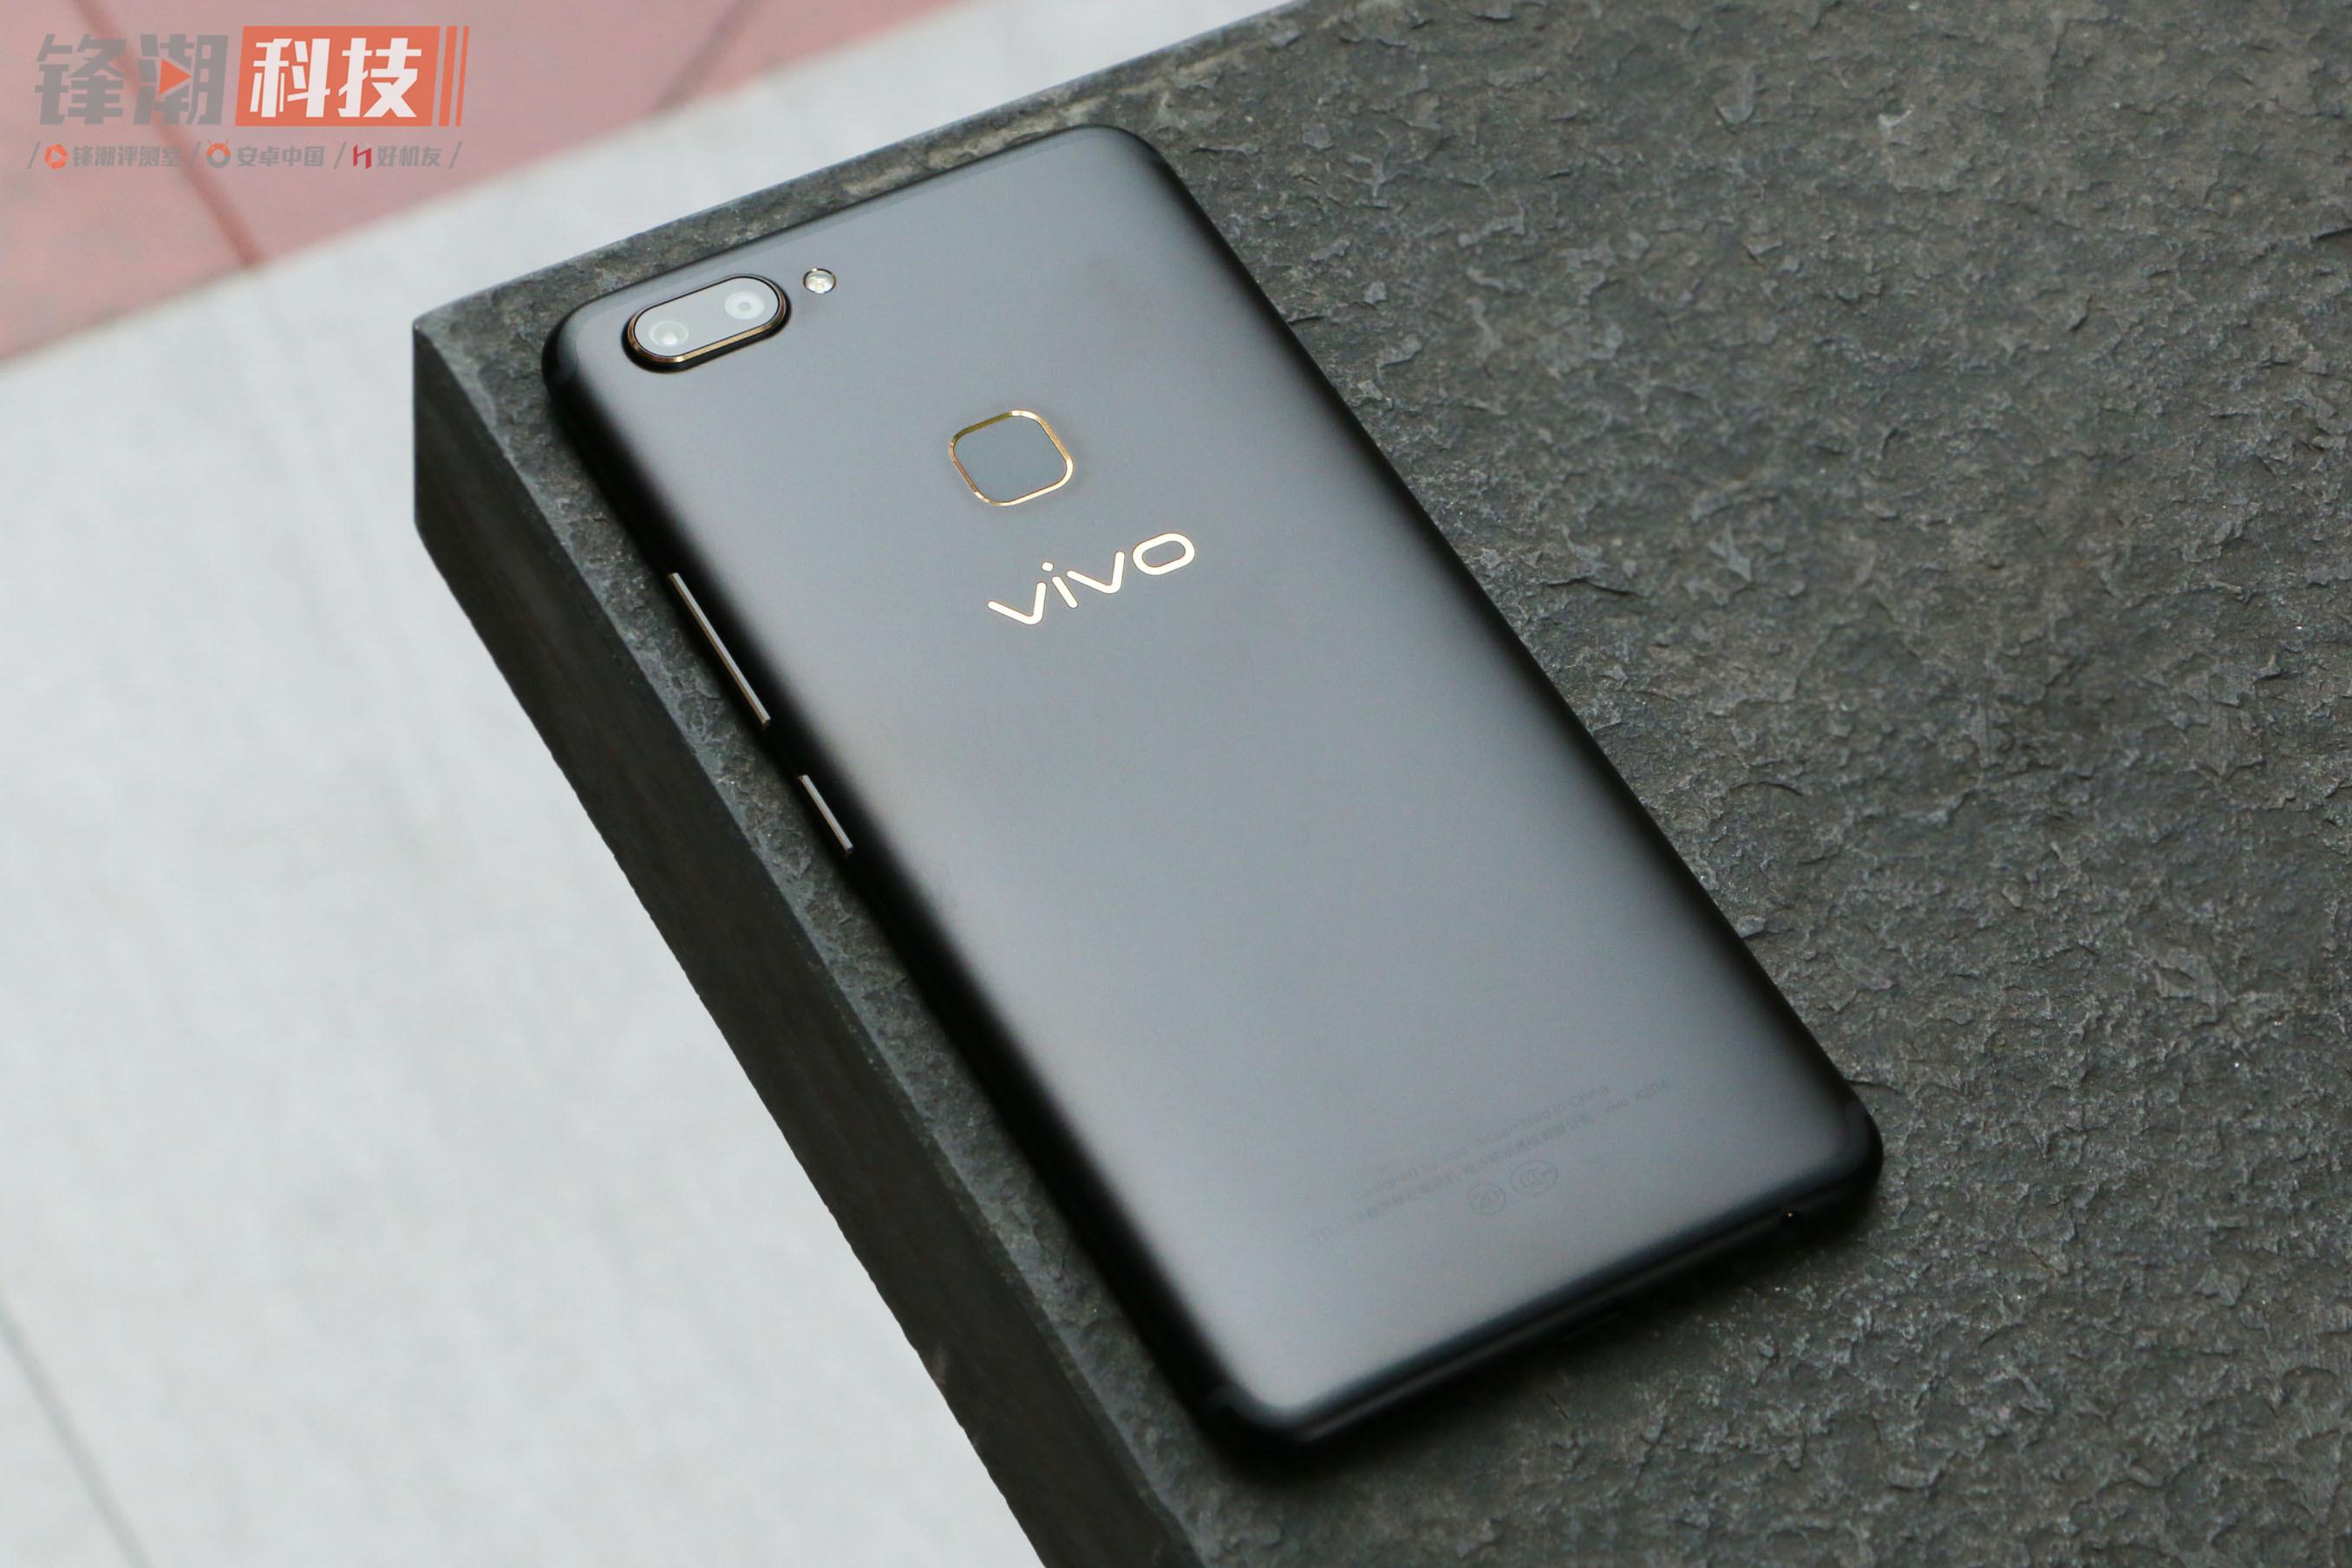 【力皮西】精致的不像一部手机:vivo X20黑金旗舰版图赏